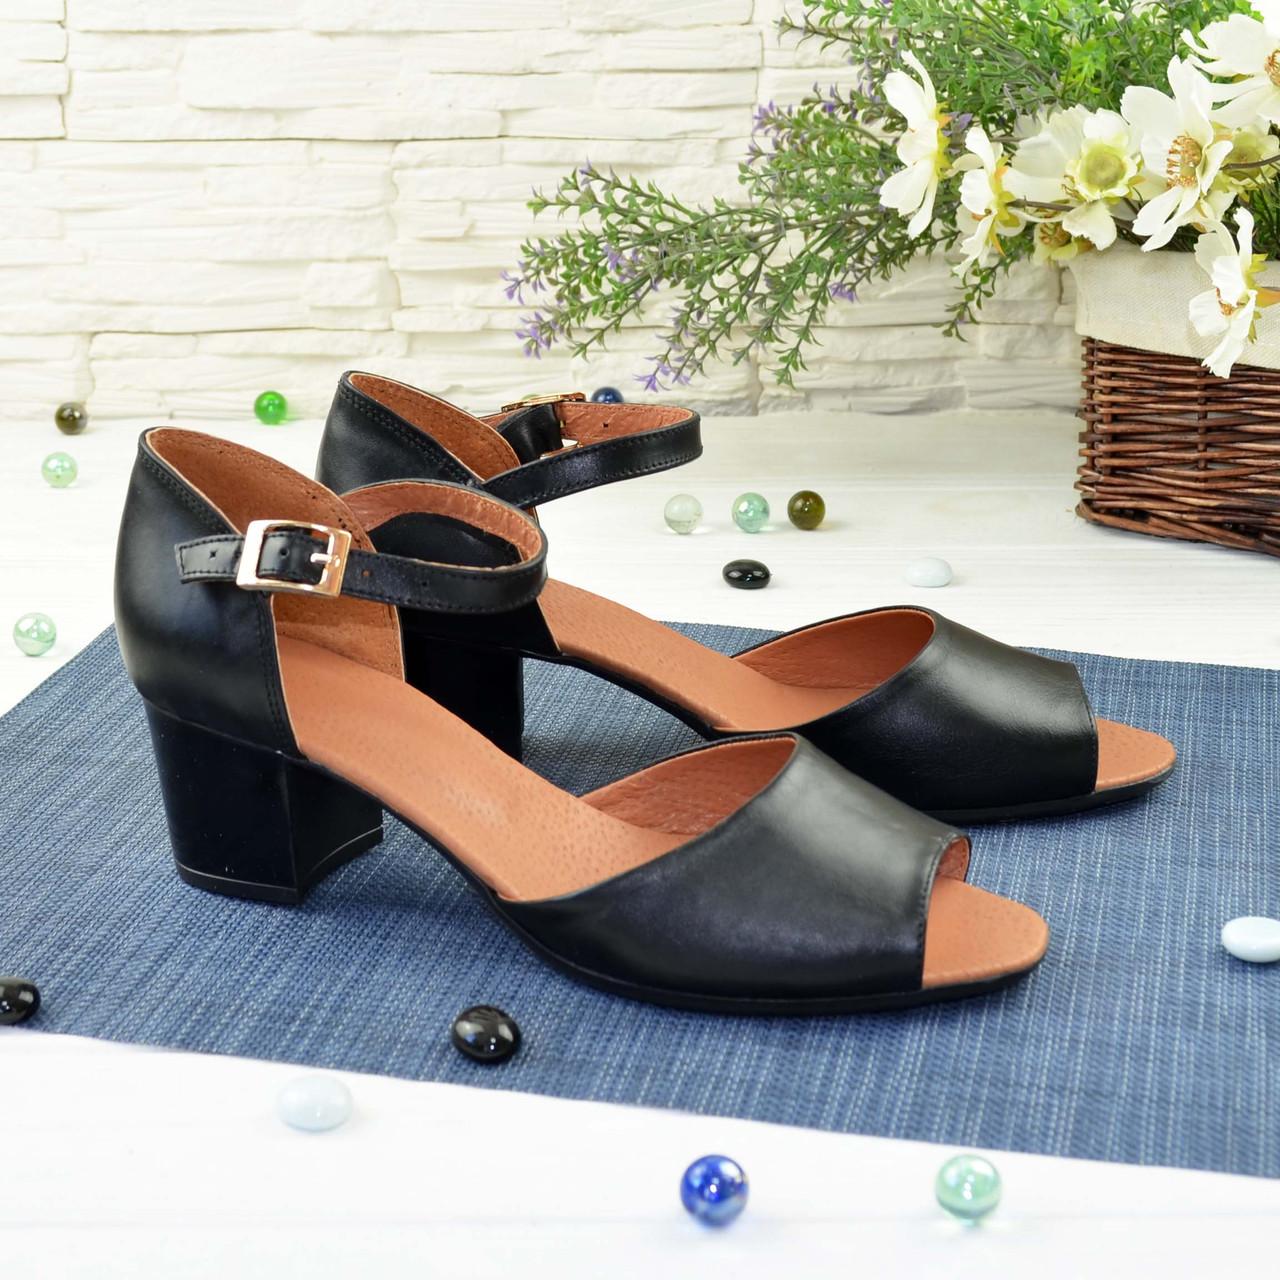 Босоножки женские черные кожаные на каблуке